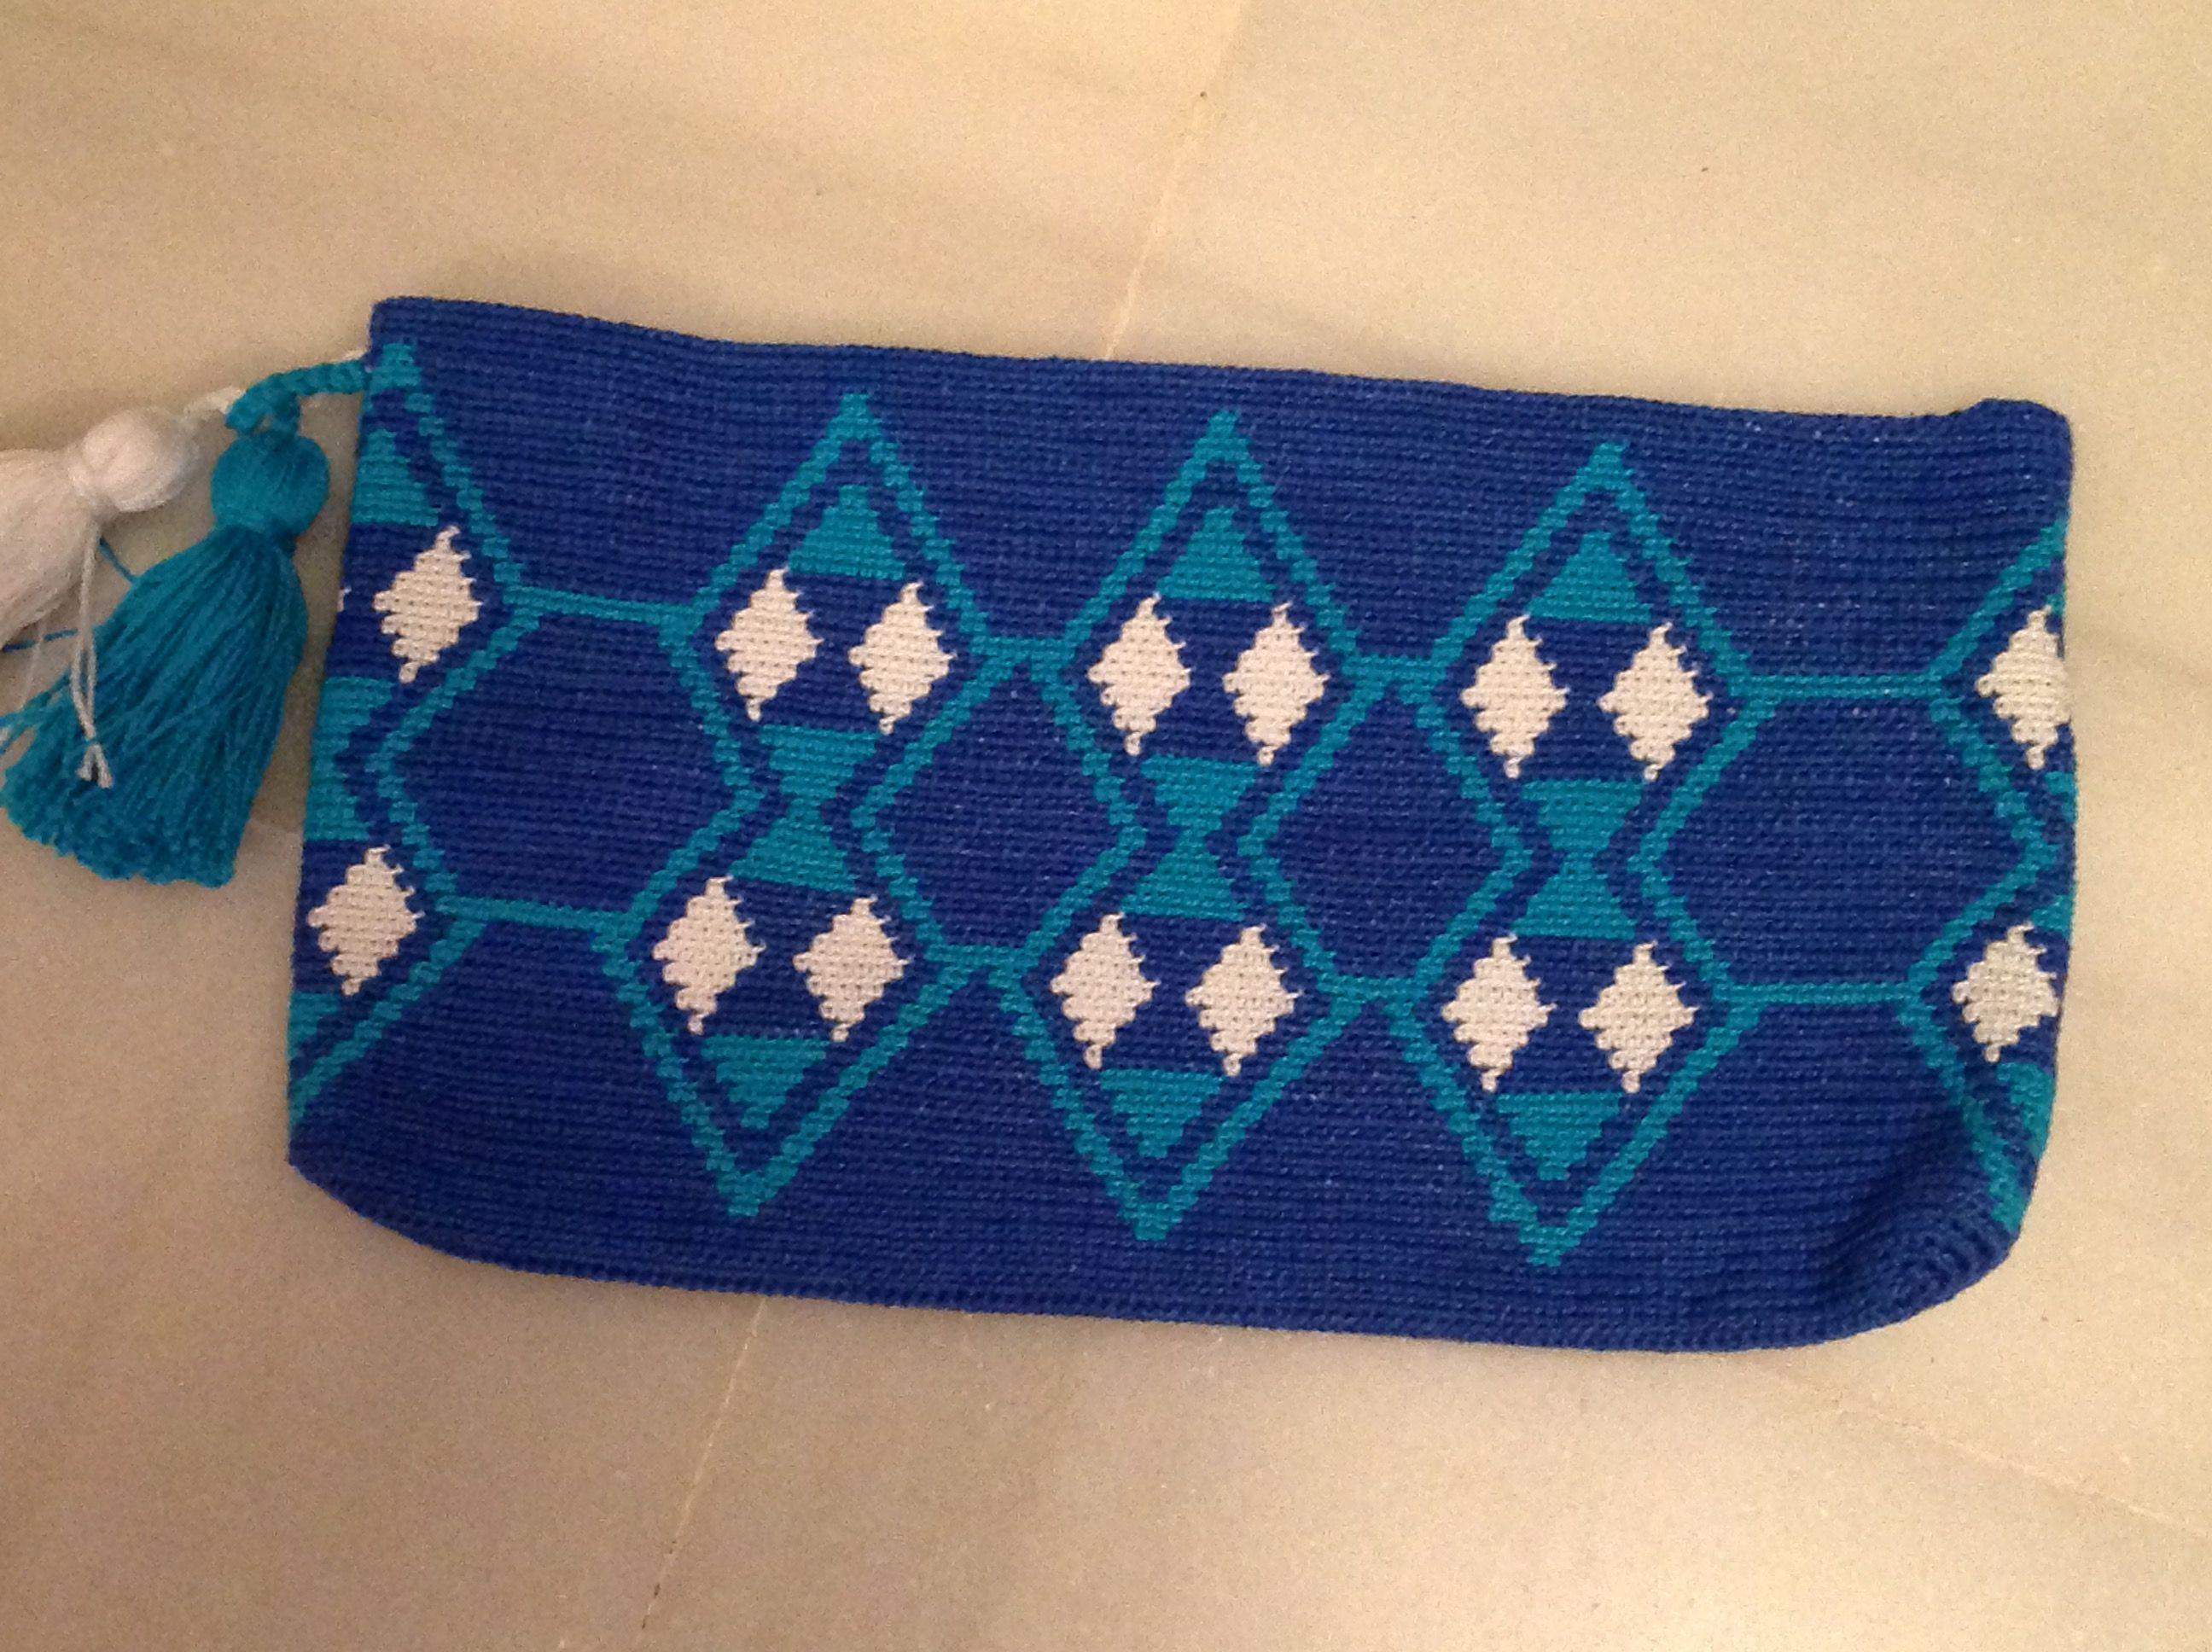 Pin de Siska W W en tapestry bags 2 | Pinterest | Mochilas, Mochilas ...